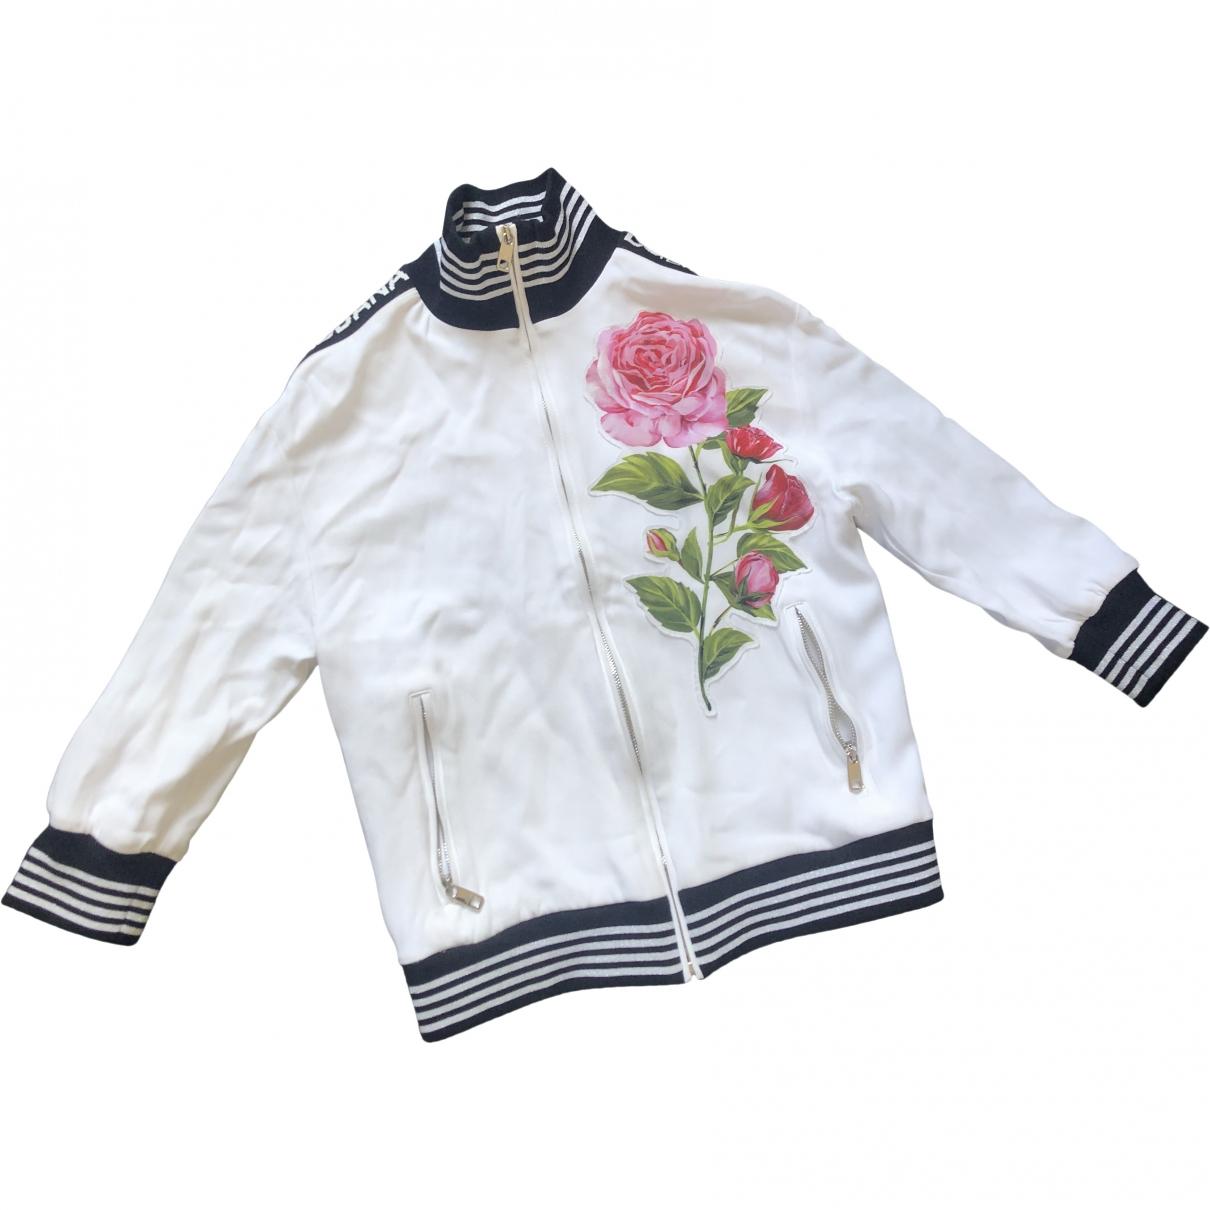 Dolce & Gabbana \N White Wool jacket for Women 36 IT